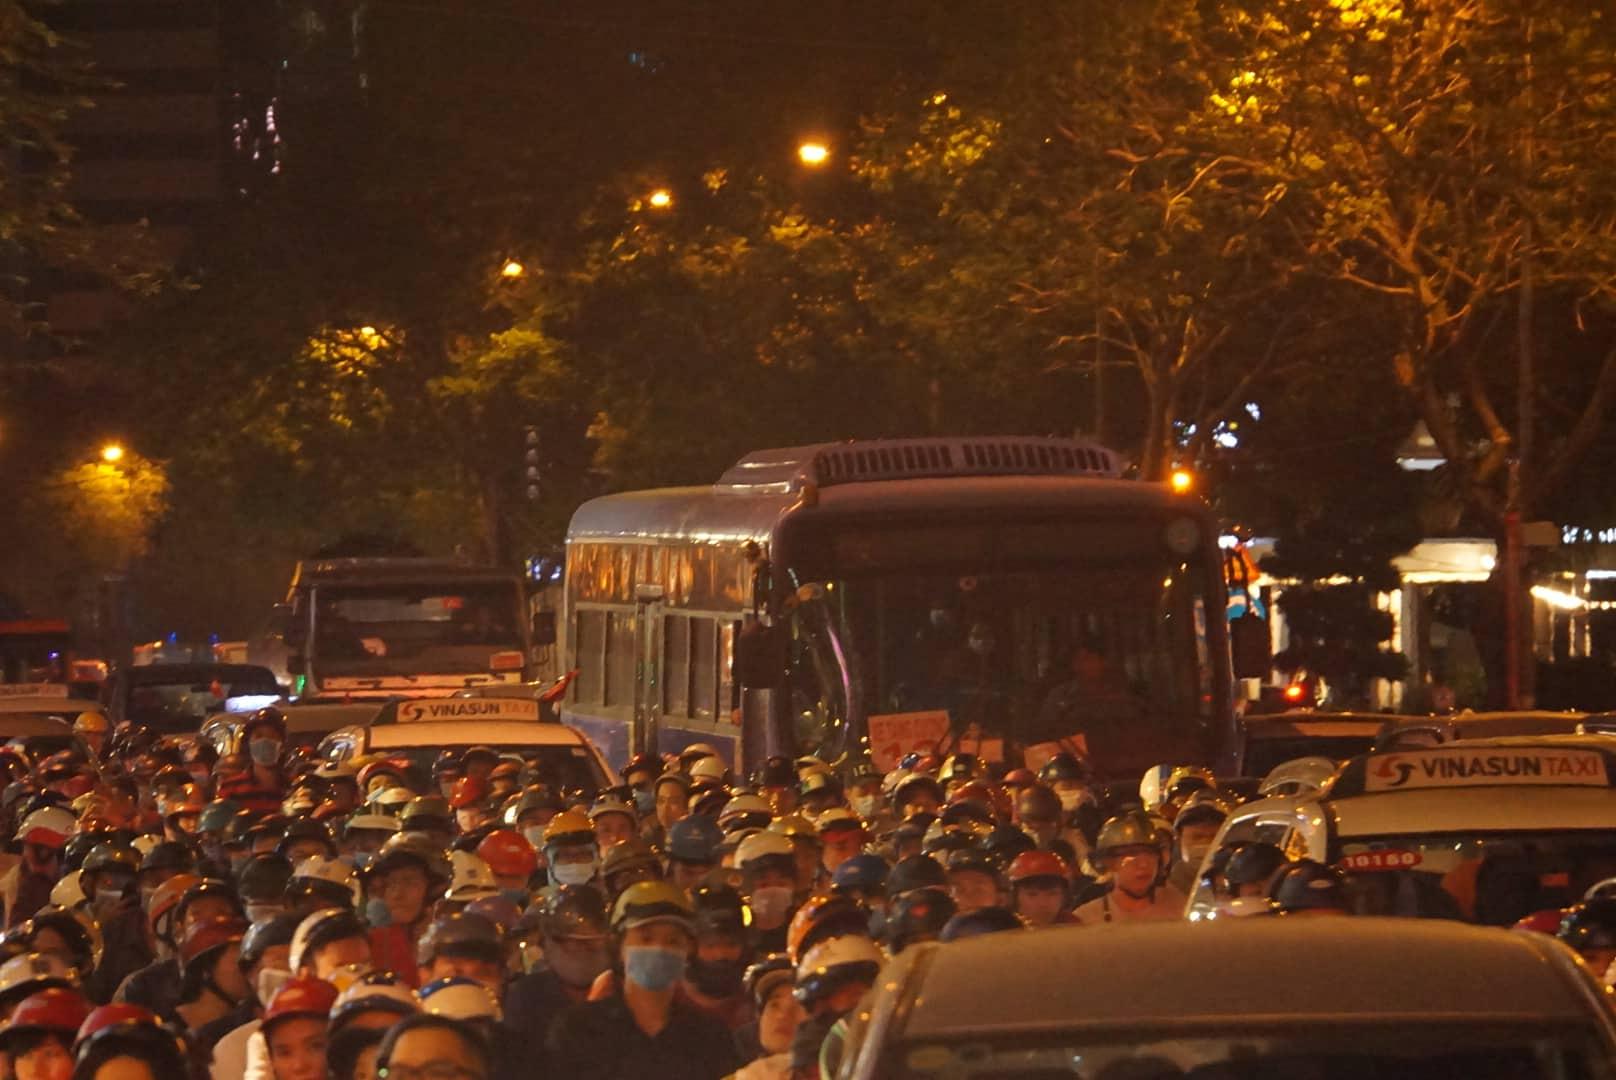 Hàng triệu người dân Sài Gòn xuống phố đón màn pháo hoa rực rỡ mừng năm mới 2019 - Ảnh 16